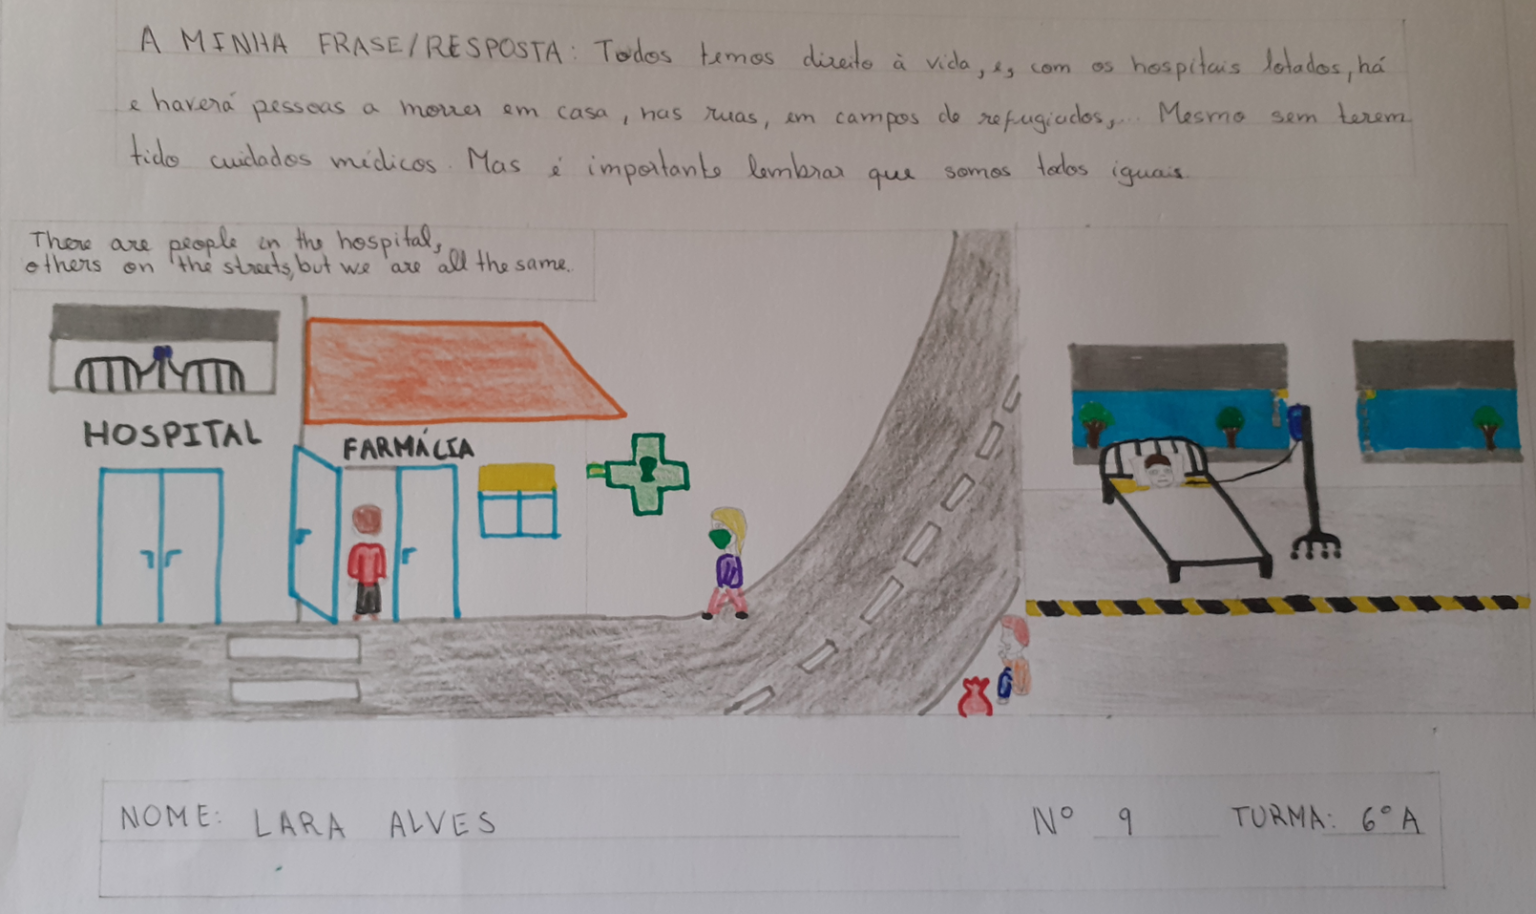 Lara Alves, EB 2/3 S Pedro Ferreiro, Ferreira do Zêzere